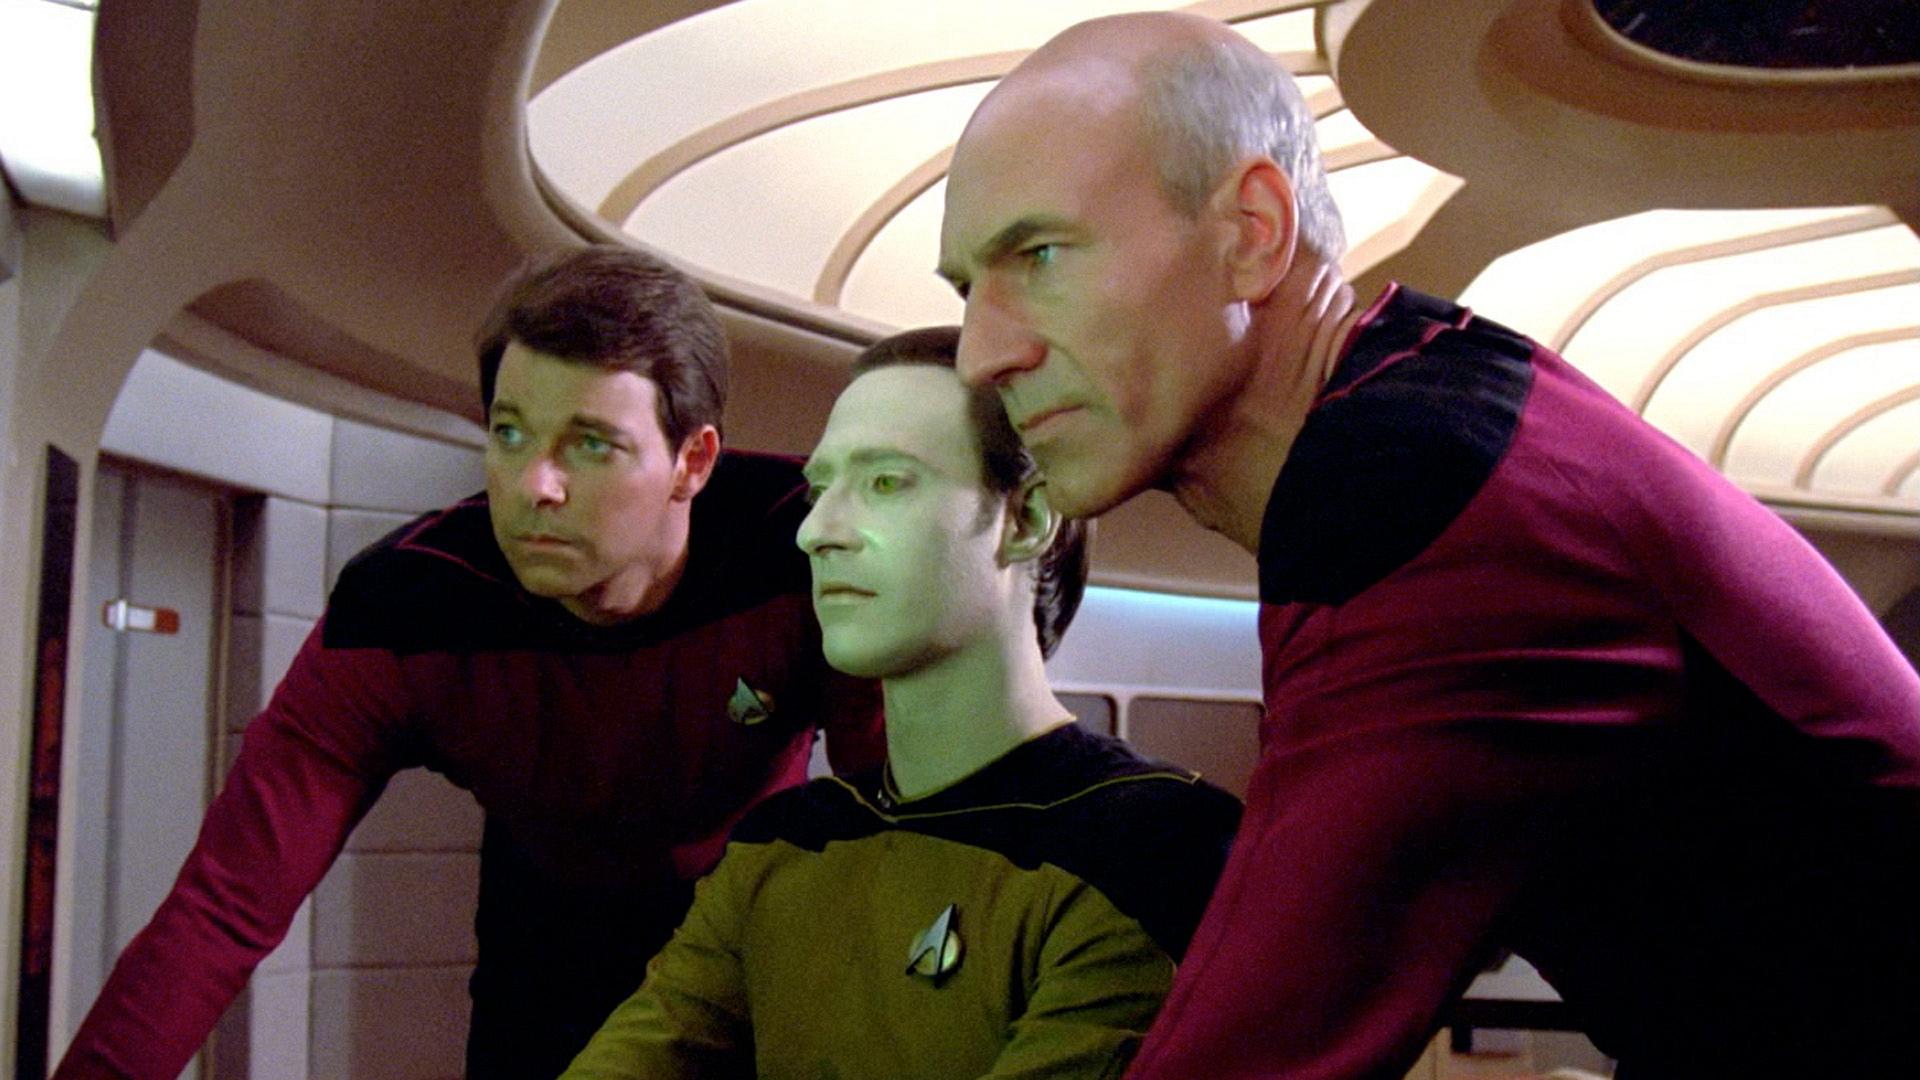 [Watch] Star Trek: The Next Generation Season 5 Episode 7